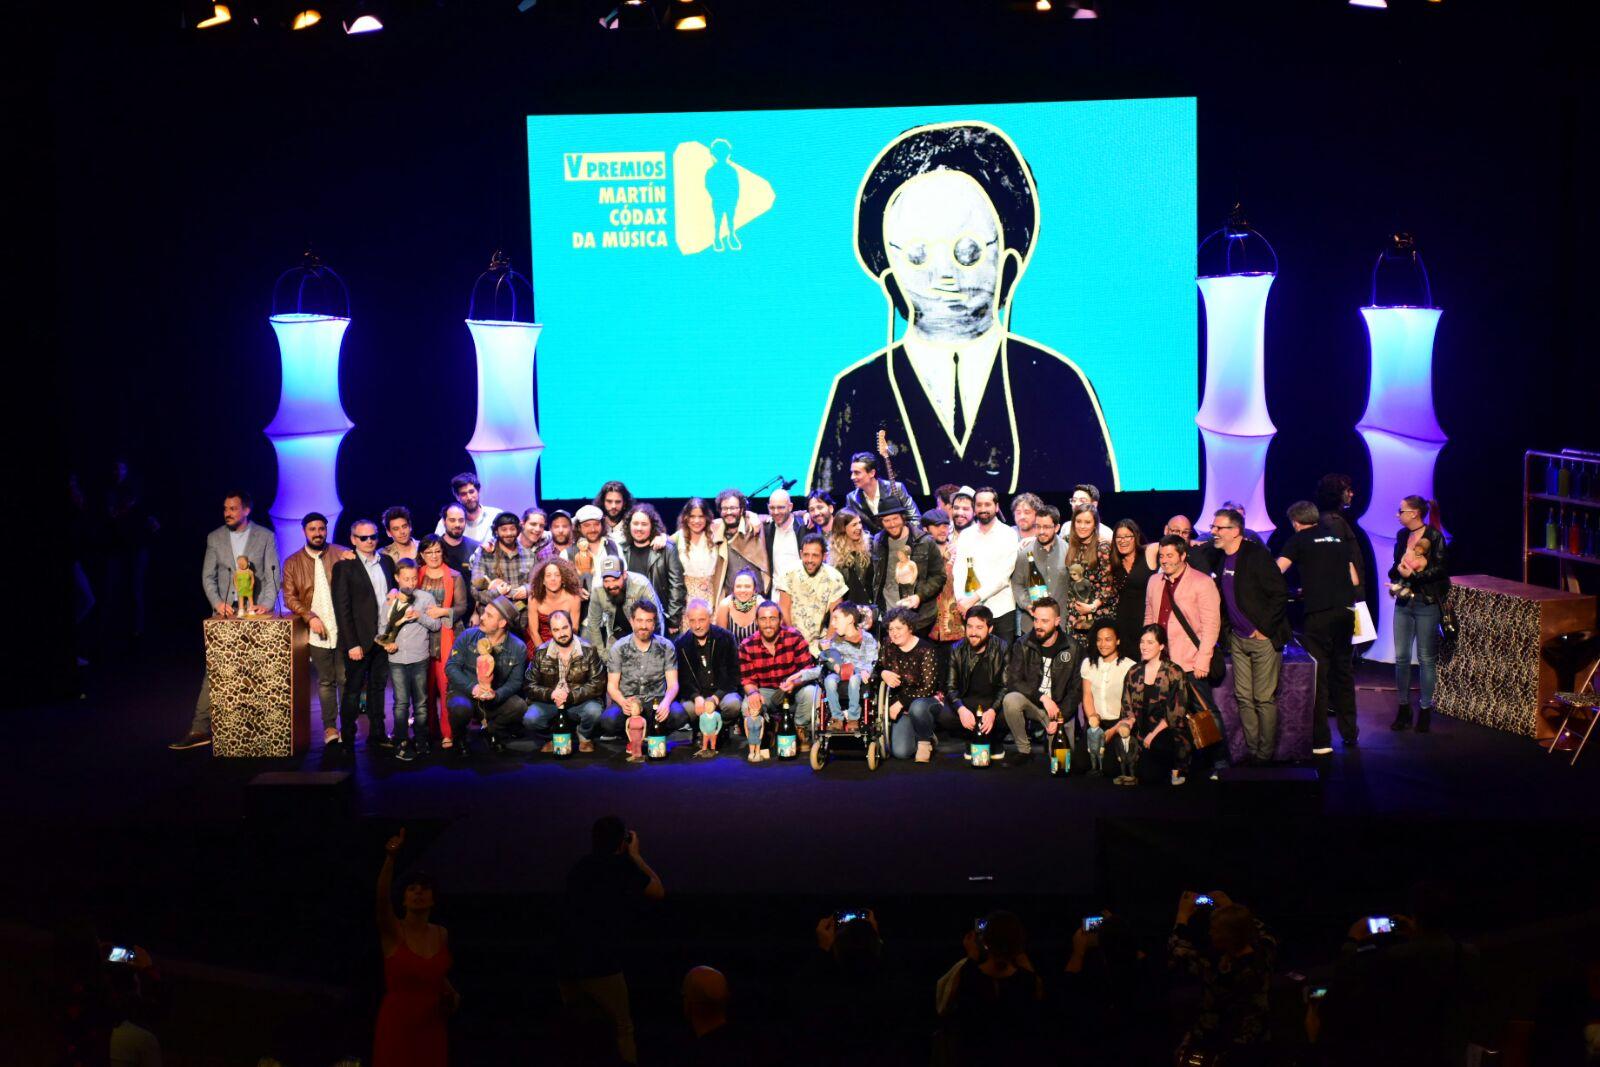 premios-martincodax-musica-2018